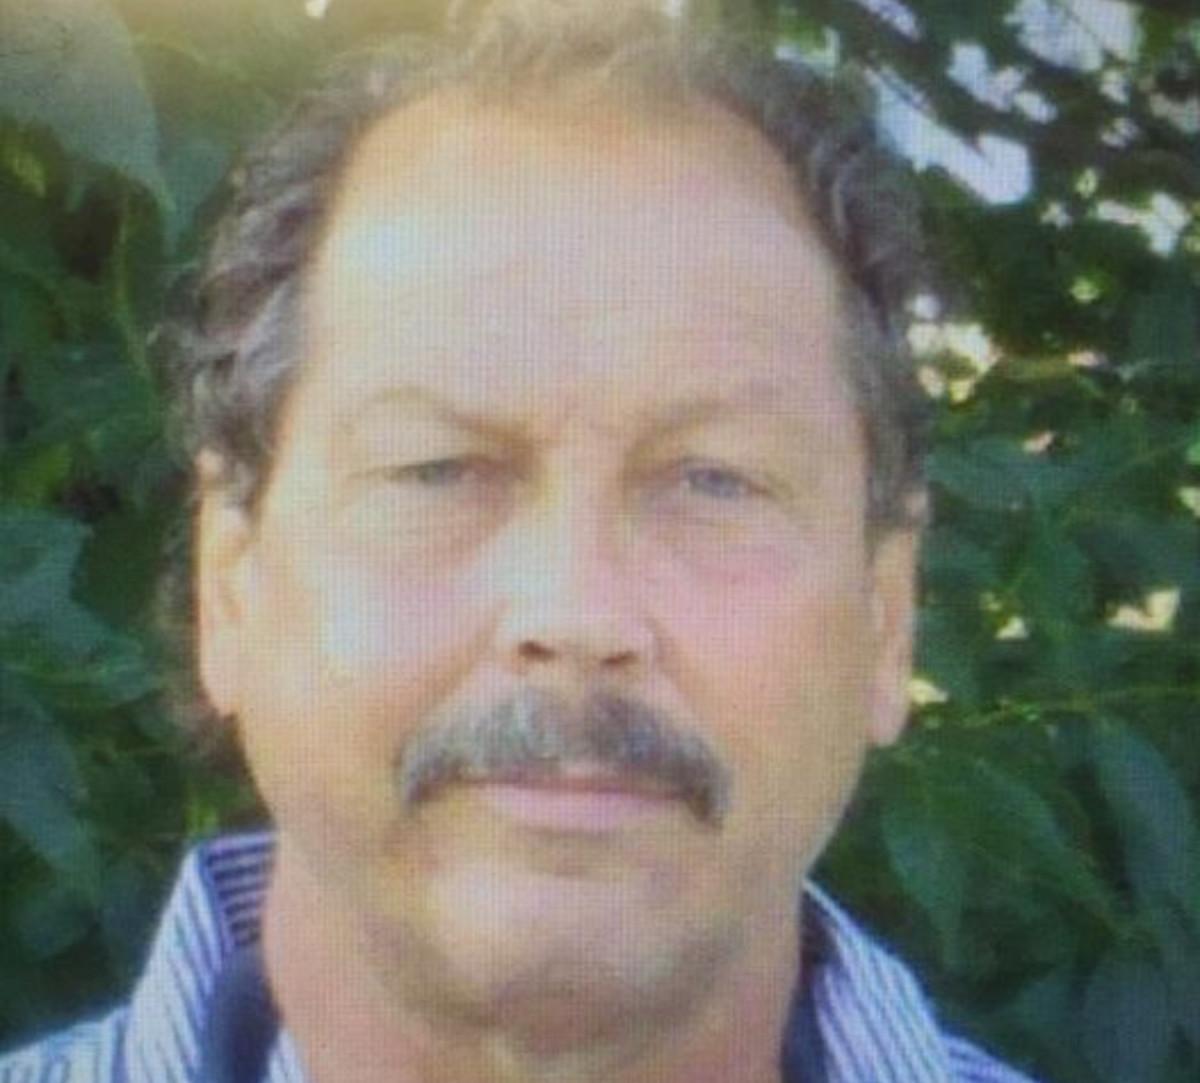 David Rickbeil